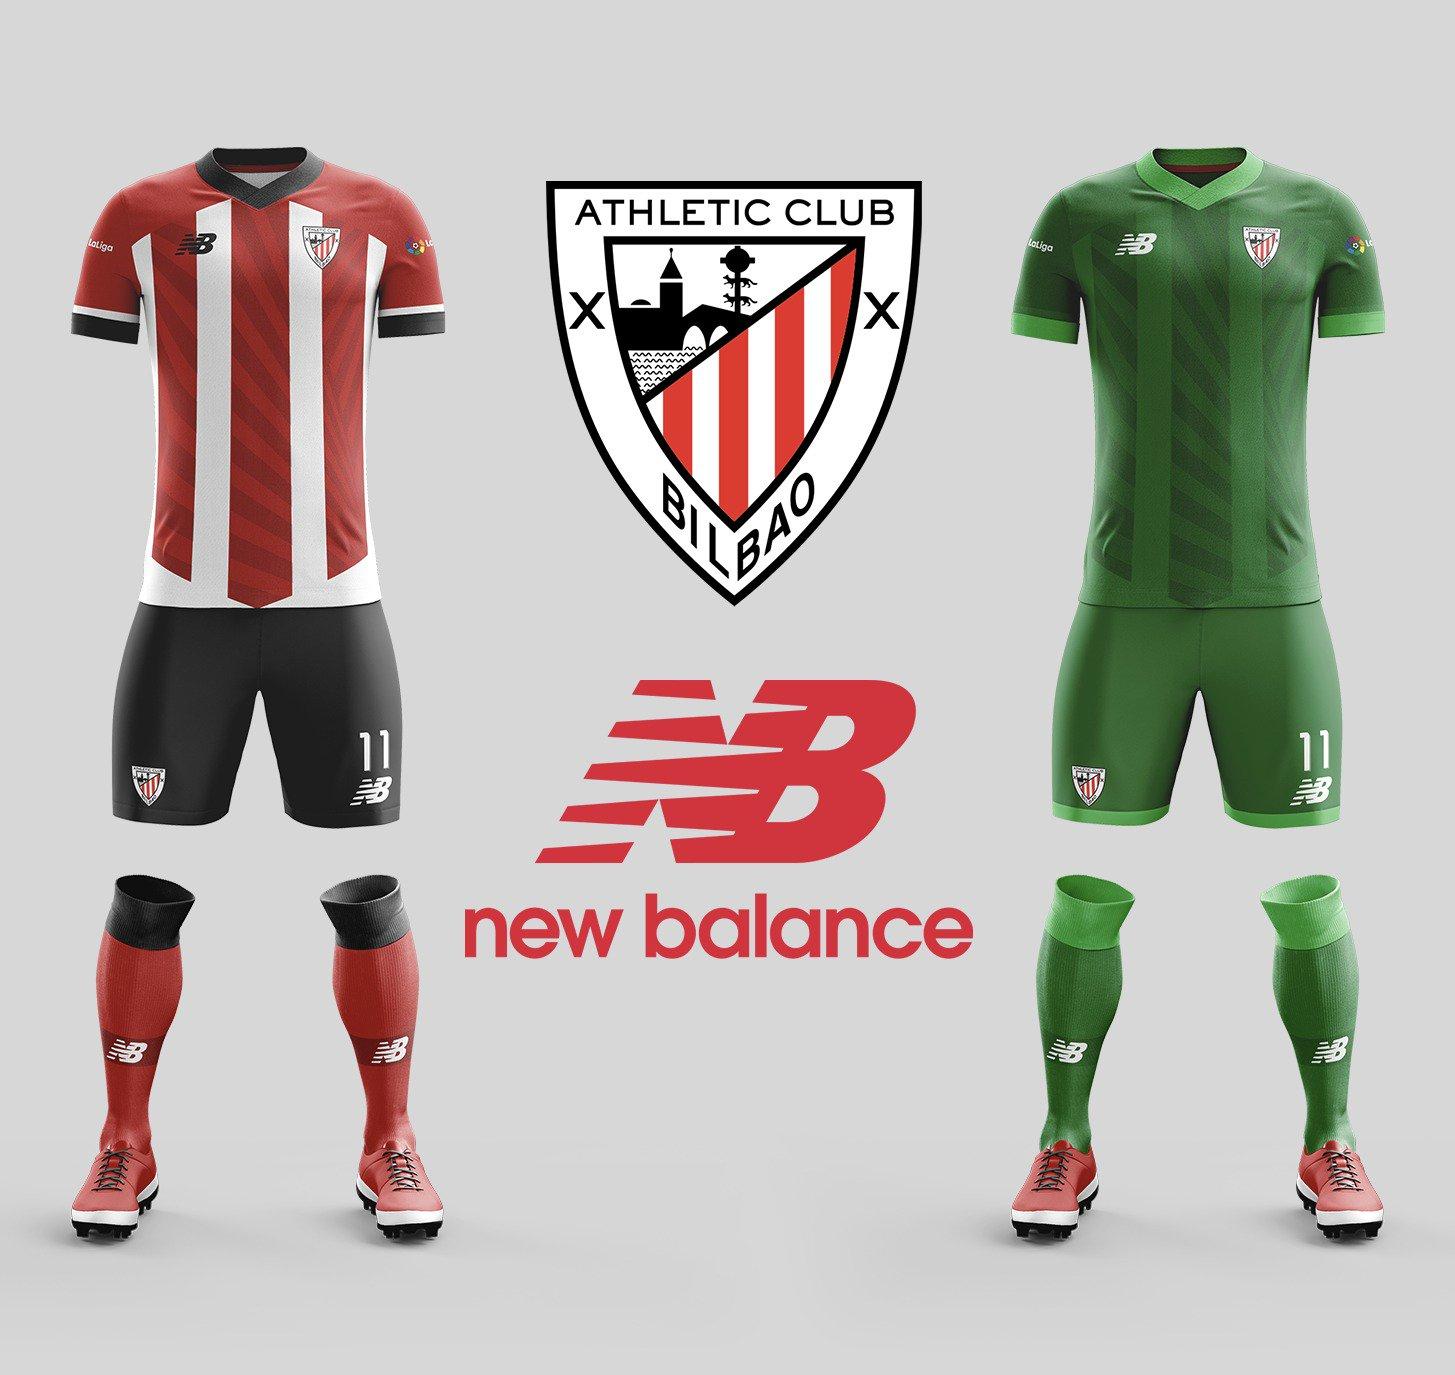 Camiseta Athletic Club nuevas